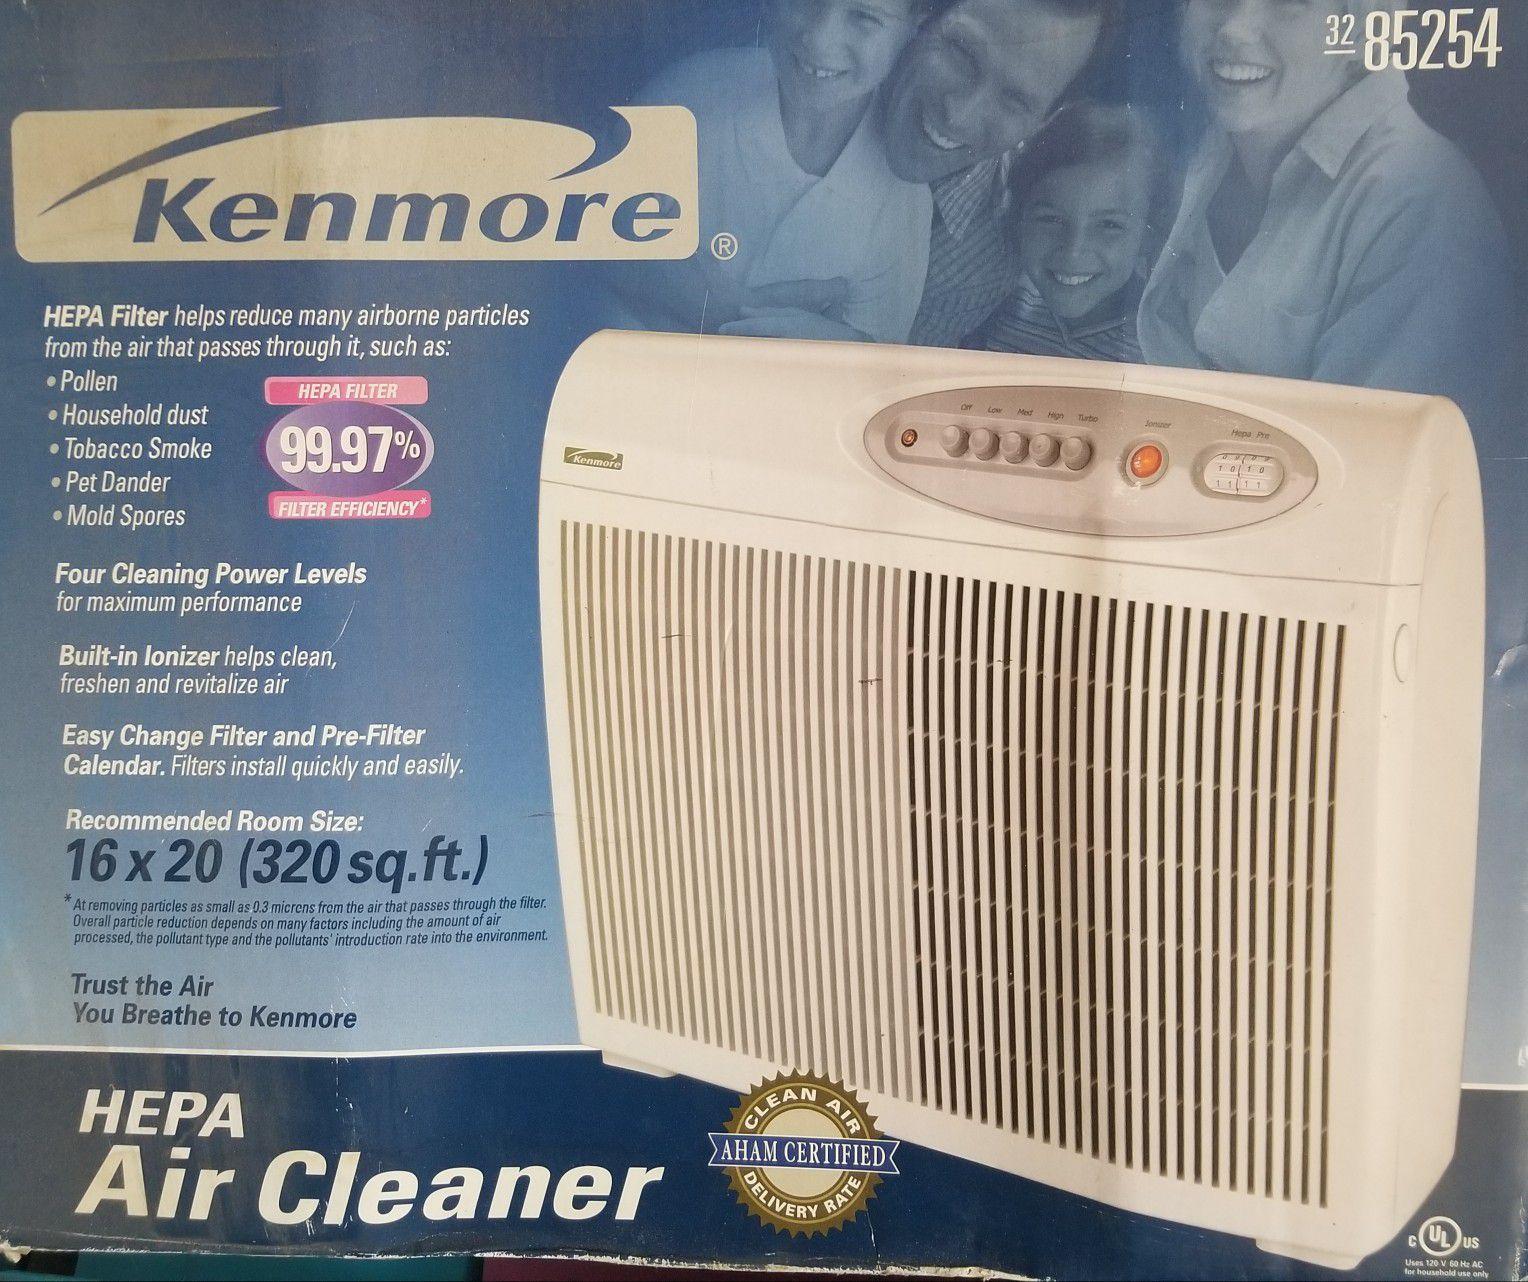 **BRAND NEW IN BOX**Kenmore Hepa Air Filter